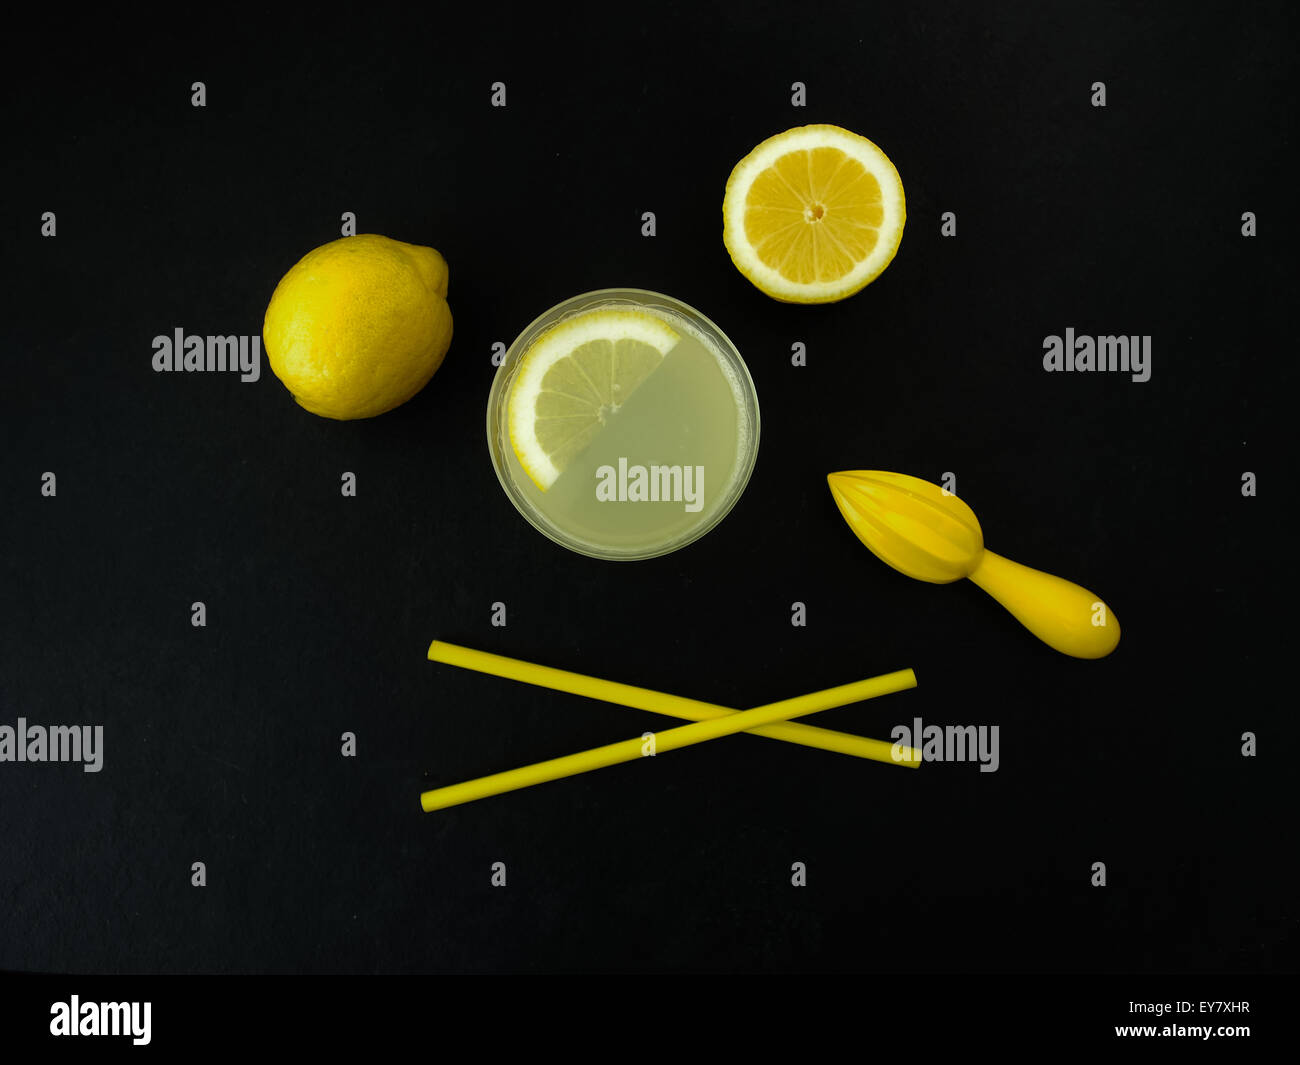 Frisch gepresster Limonade auf Schiefer Hintergrund Stockbild